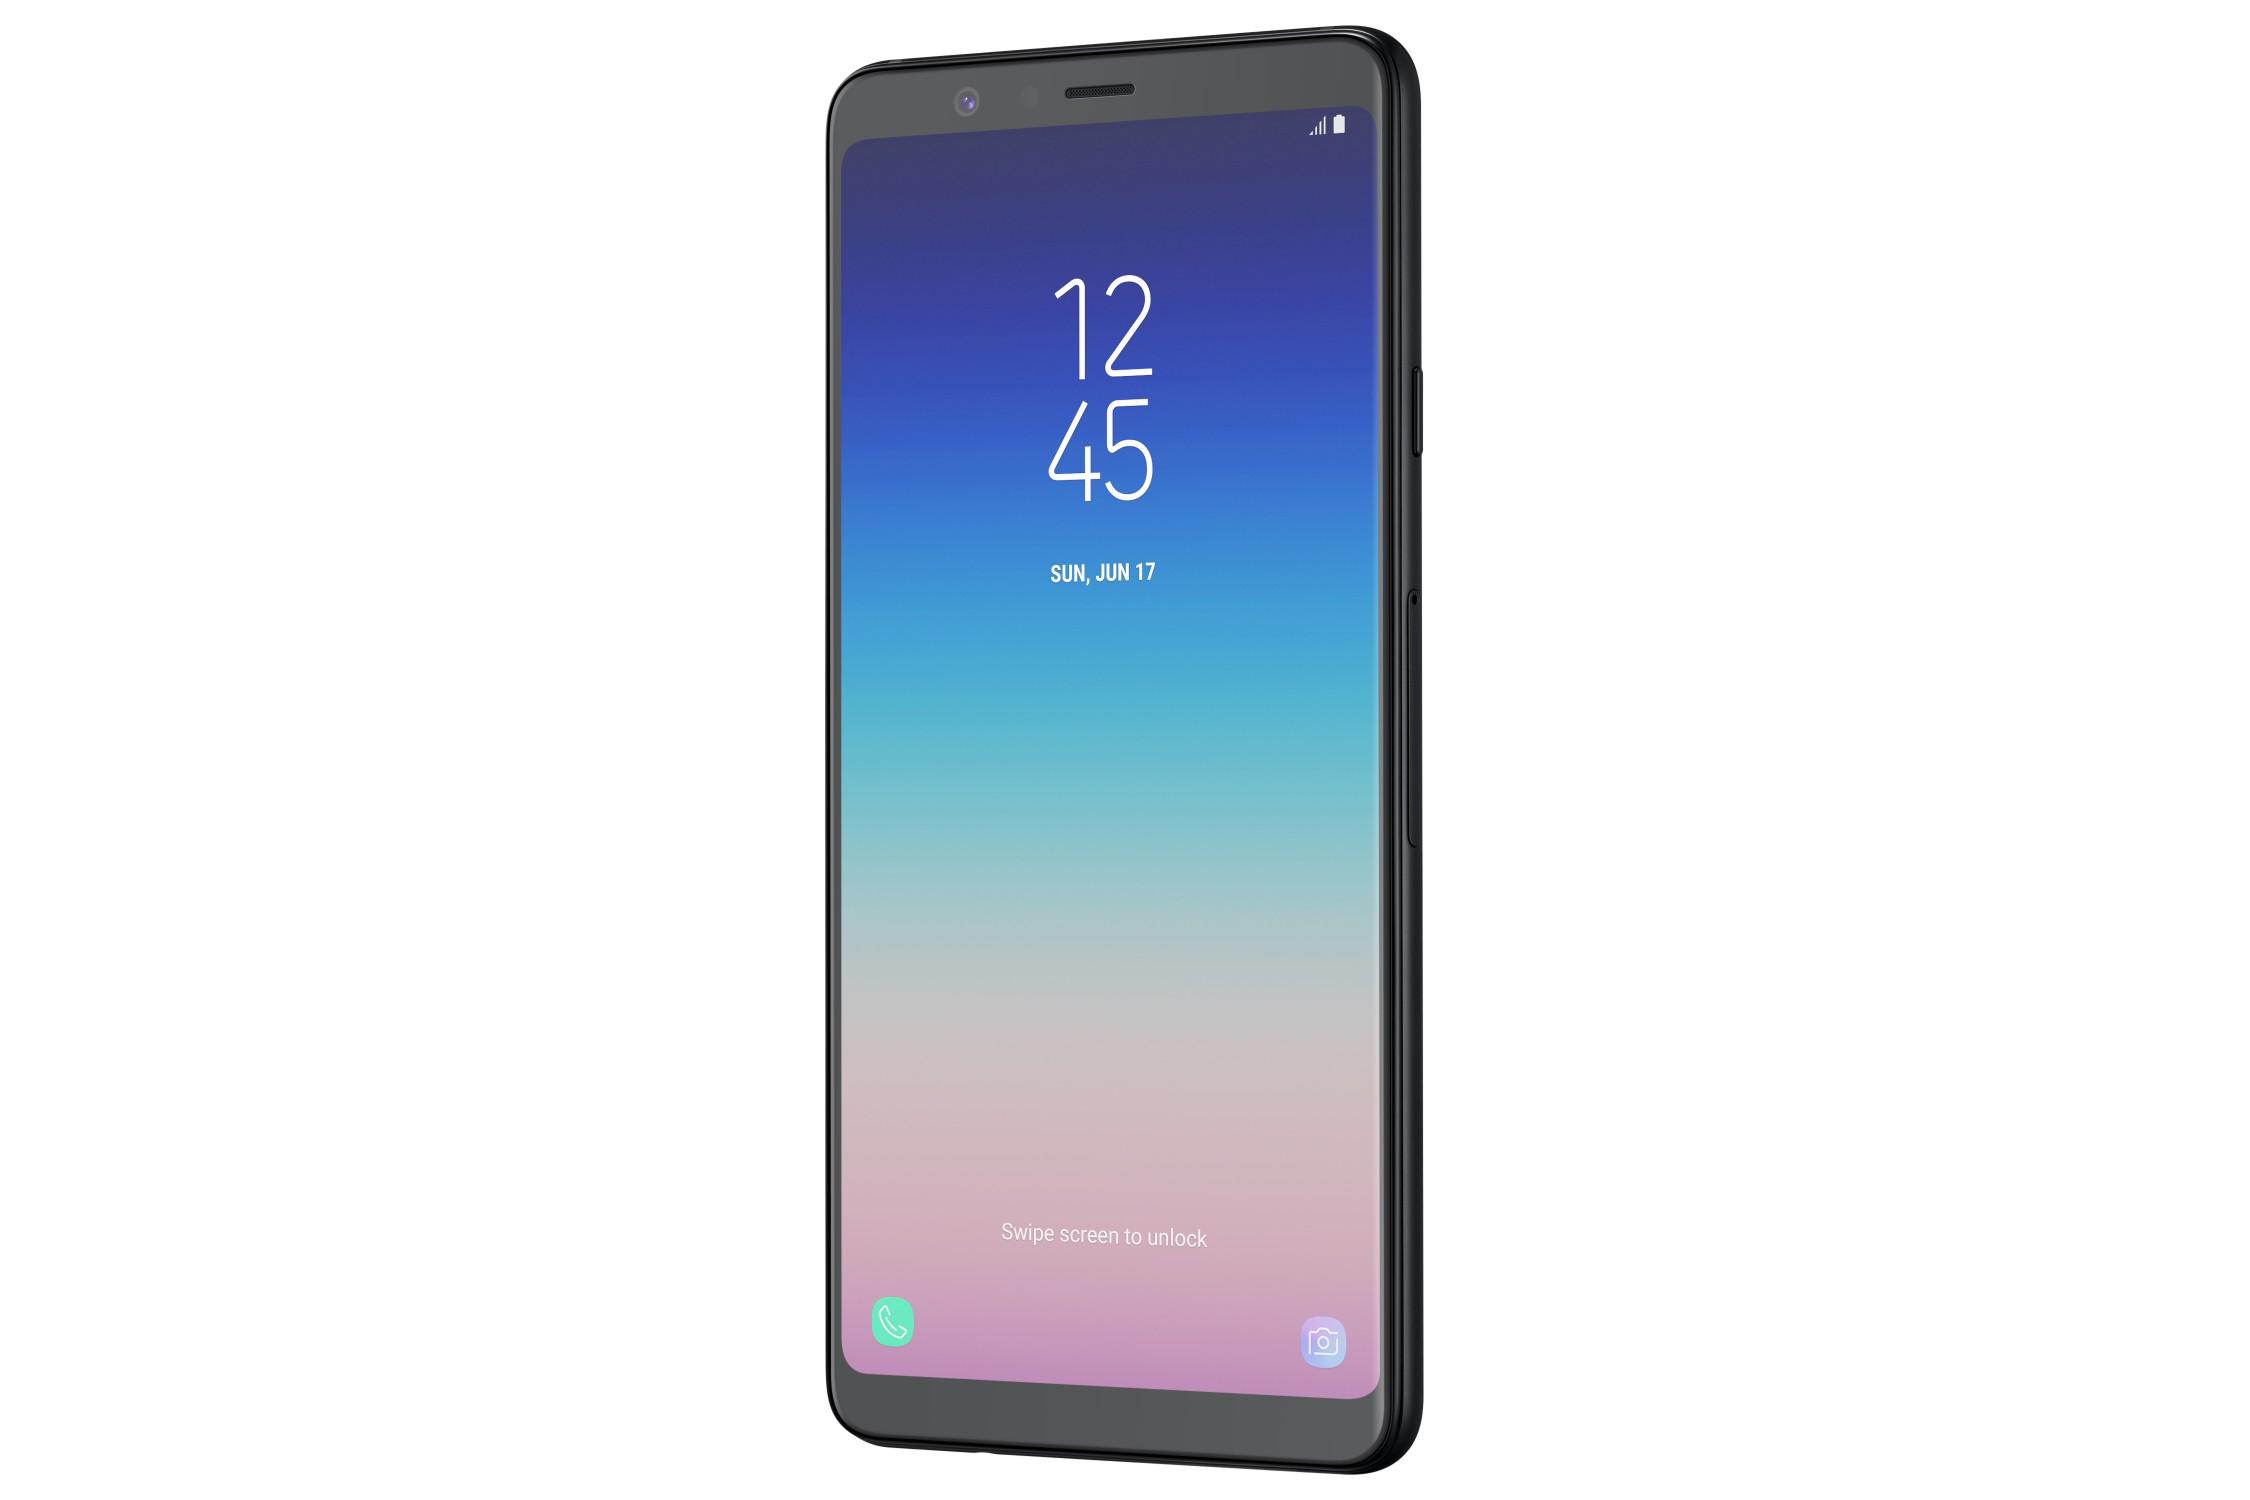 Samsung ra mắt Galaxy A8 Star: Thêm một sự lựa chọn hoàn hảo cho giới trẻ hình 1